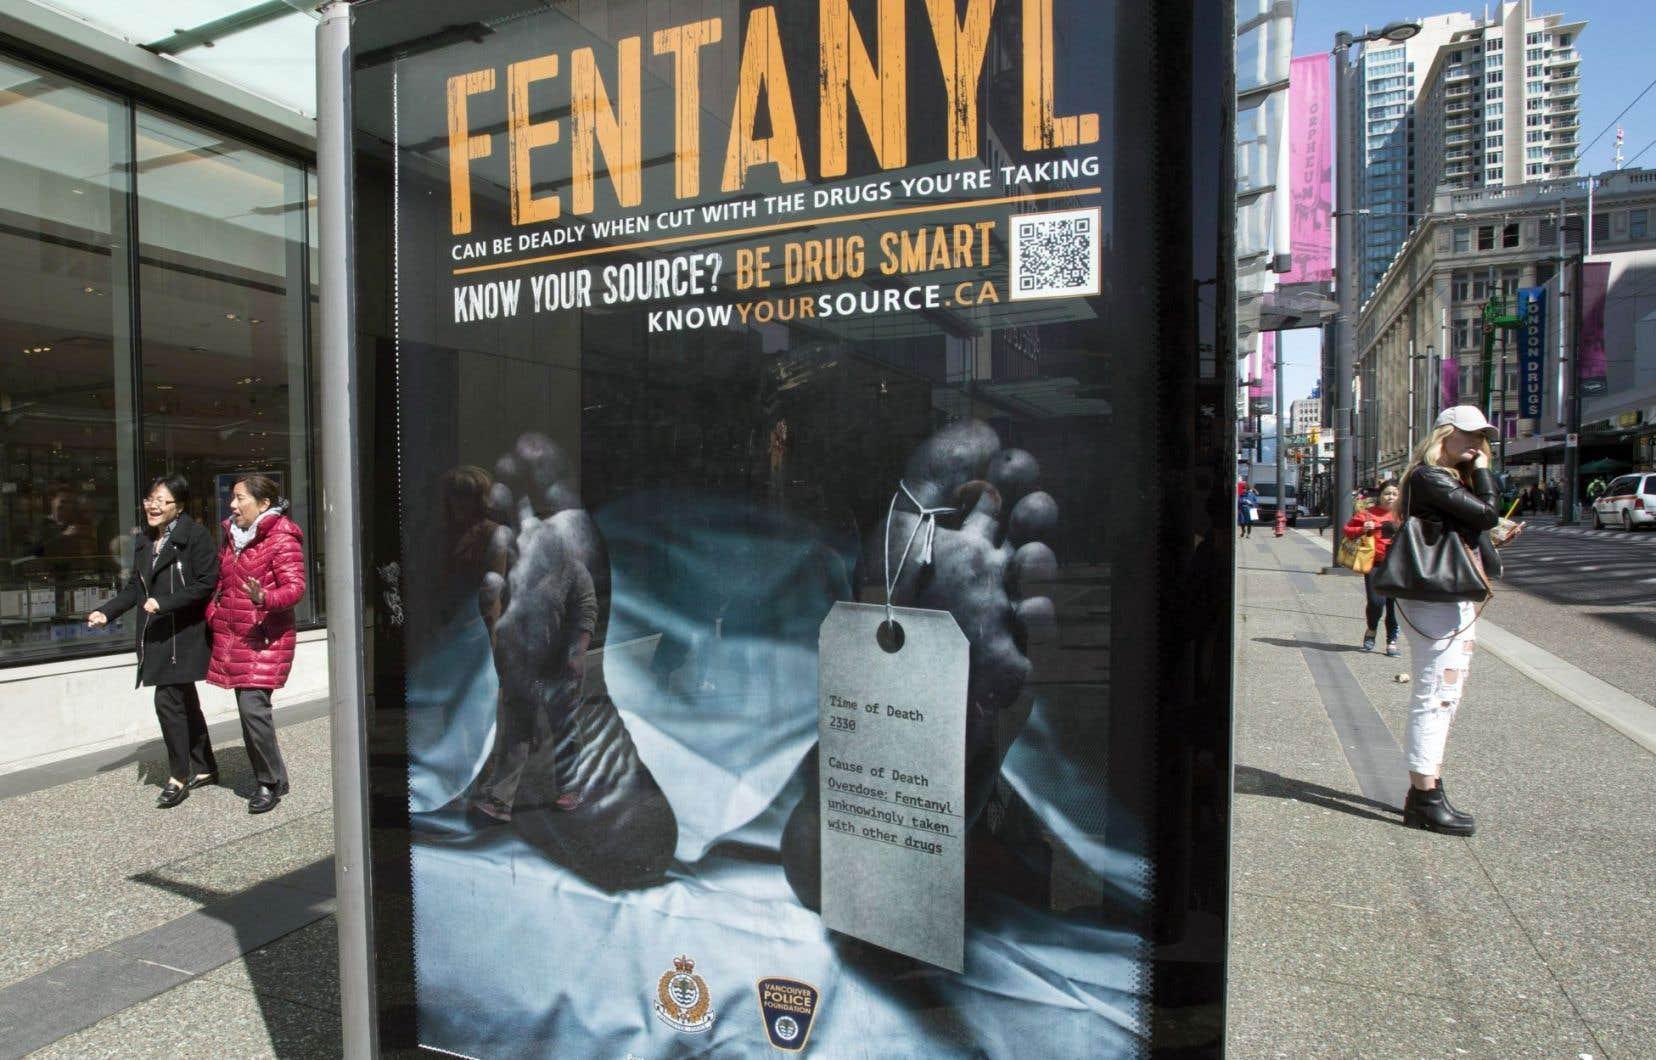 La police de Vancouver a lancé une campagne de prévention en avril pour sensibiliser la population aux dangers du fentanyl. La Colombie-Britannique a recensé 922 morts causées par une surdose d'opioïdes l'an dernier.